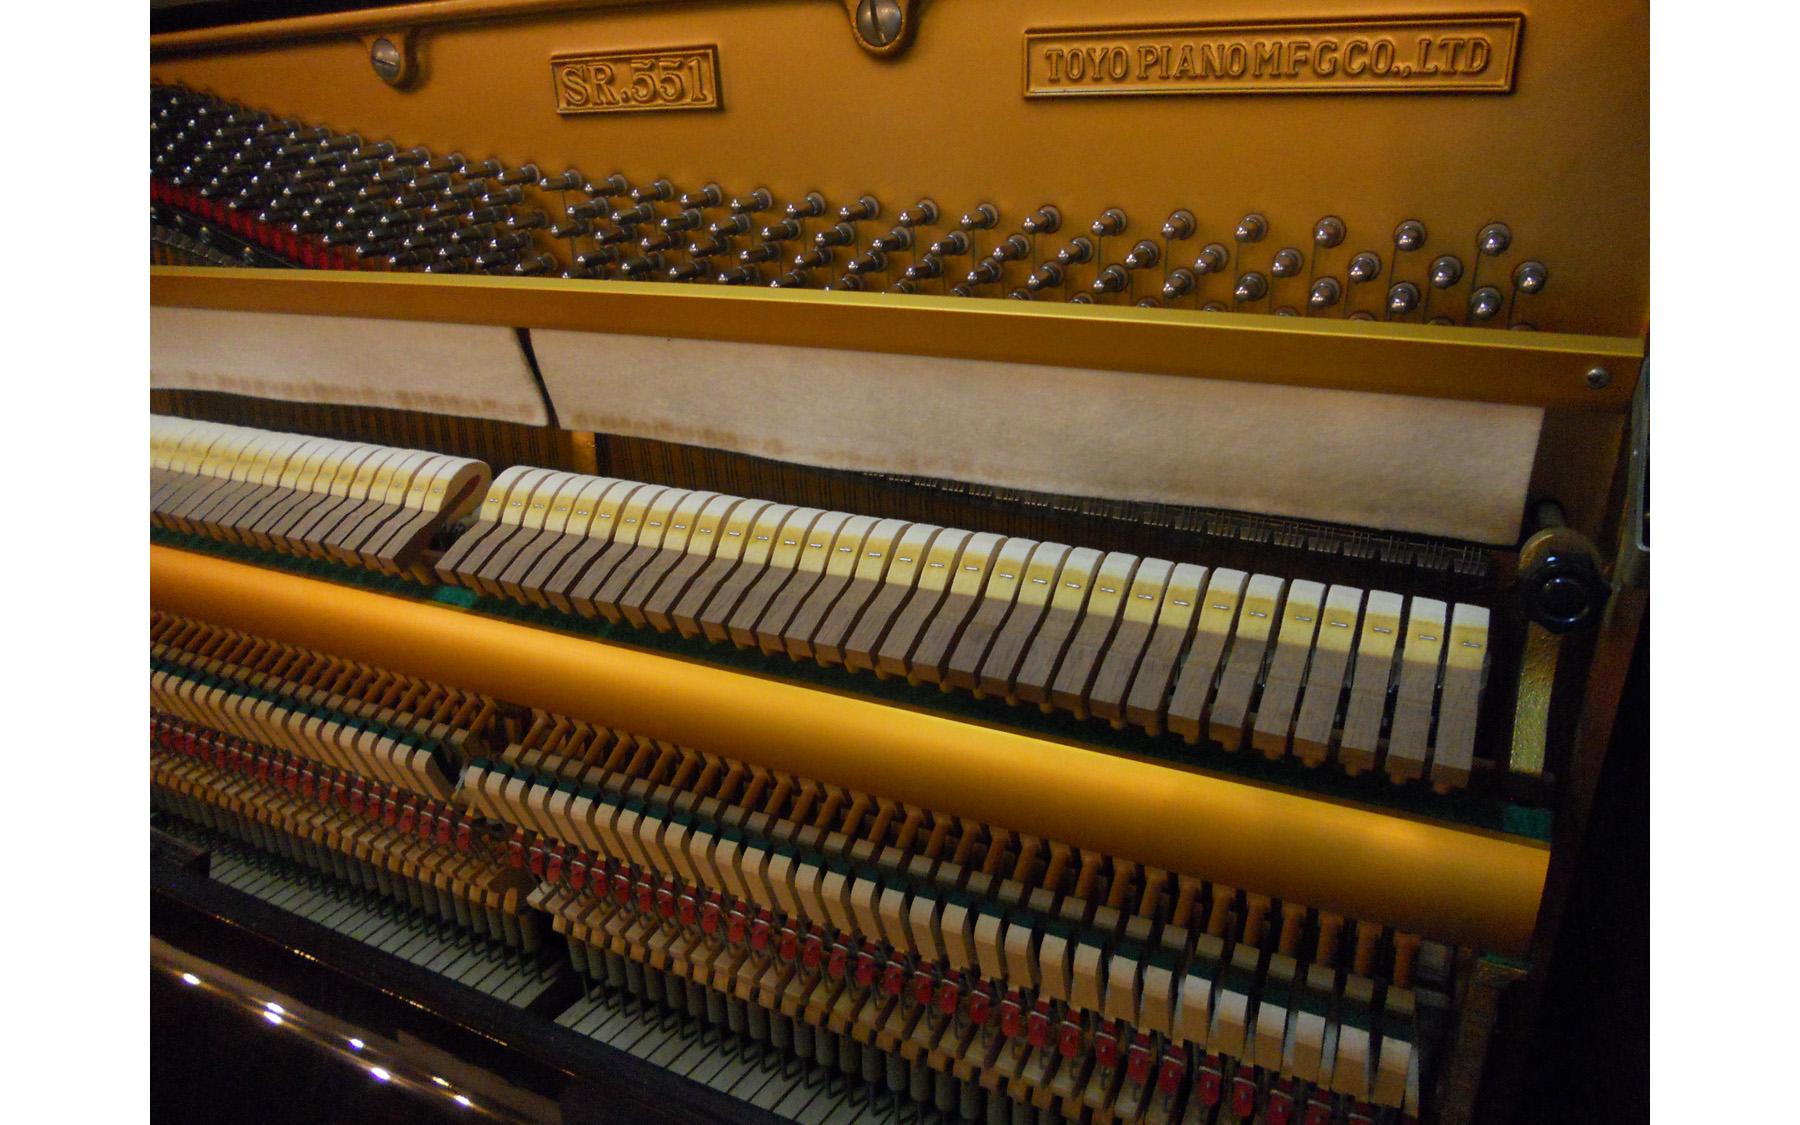 đàn piano apolo kr-551